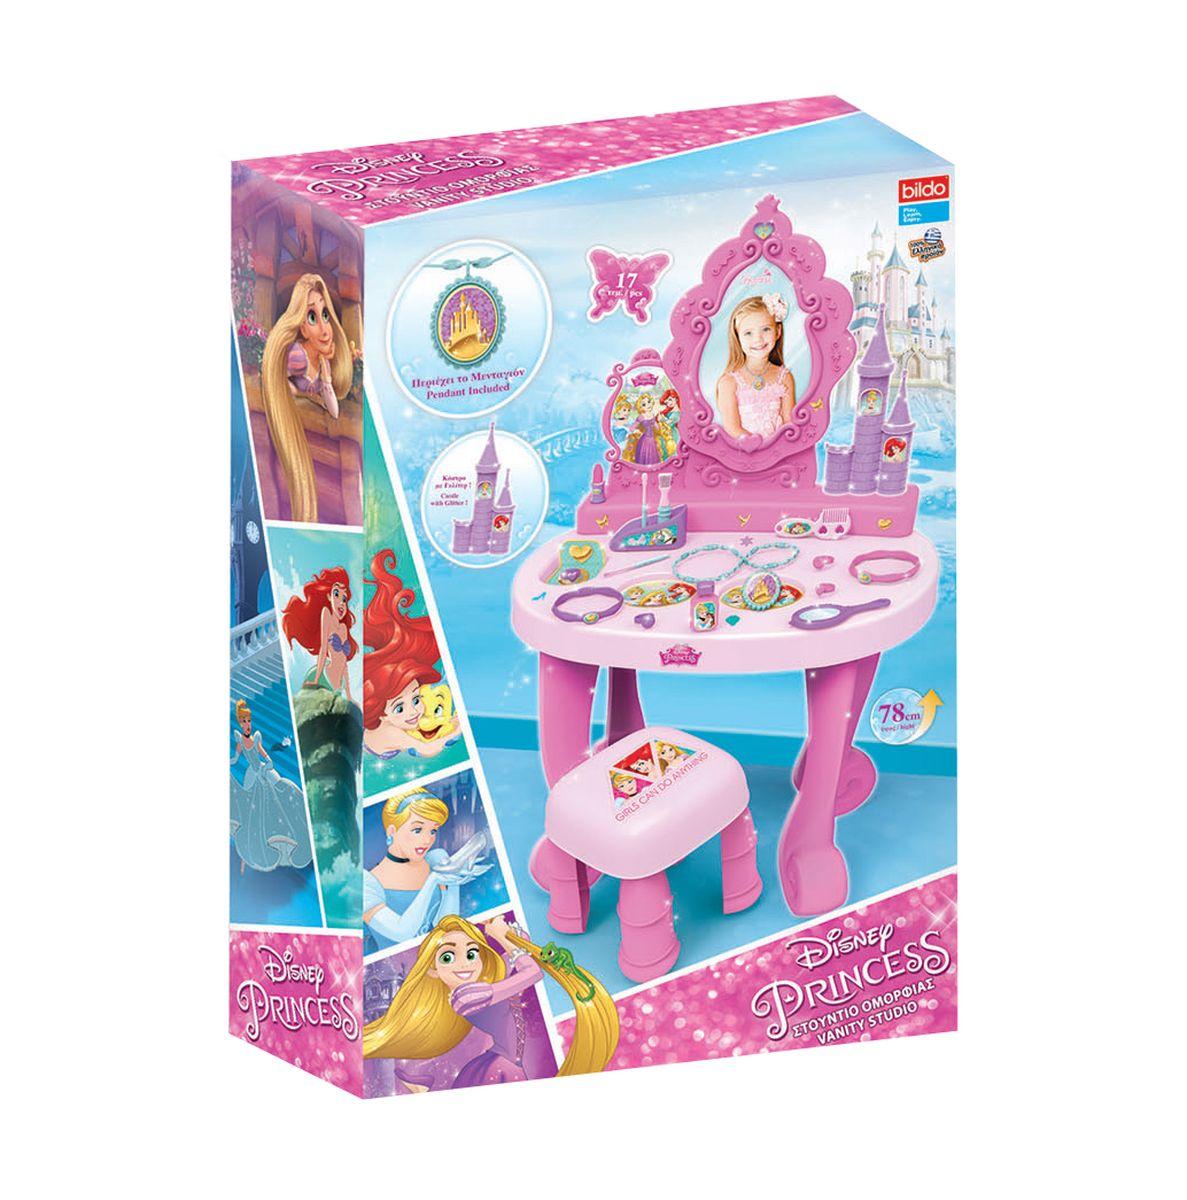 Bildo Игровой набор Парикмахерская Принцессы Дисней 17 предметов - Сюжетно-ролевые игрушки